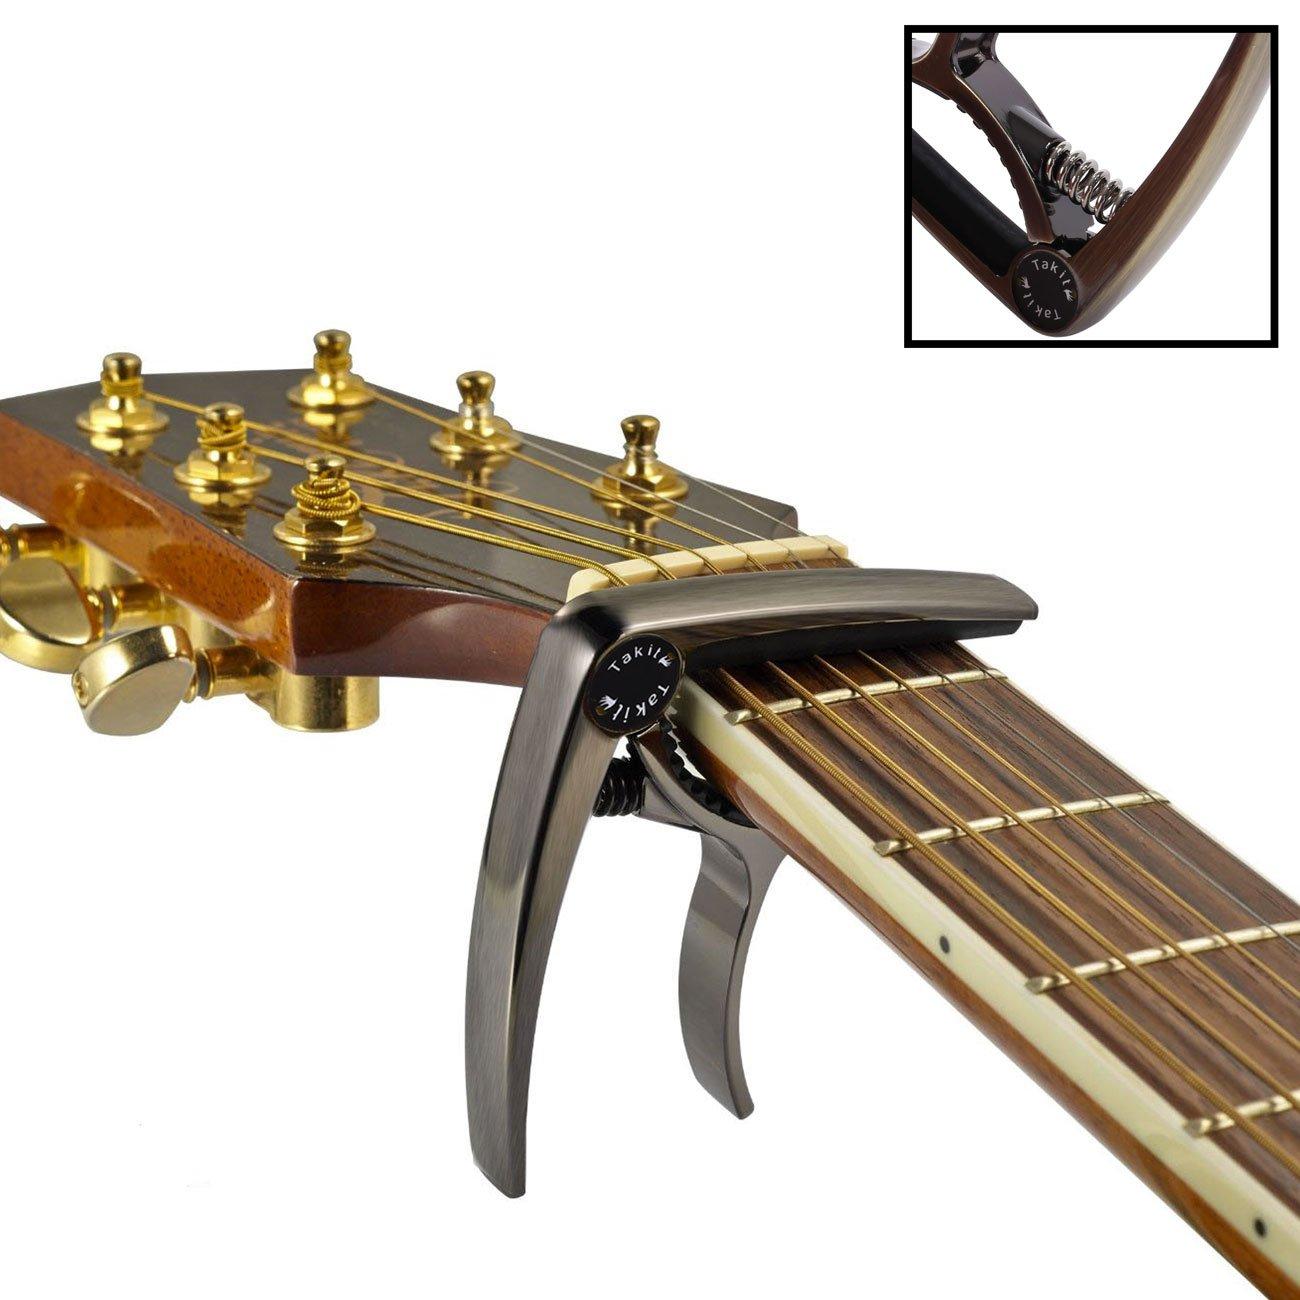 TAKIT Capodastre pour Guitare Acoustique et Electrique - Qualité professionnelle - Bronze GC1